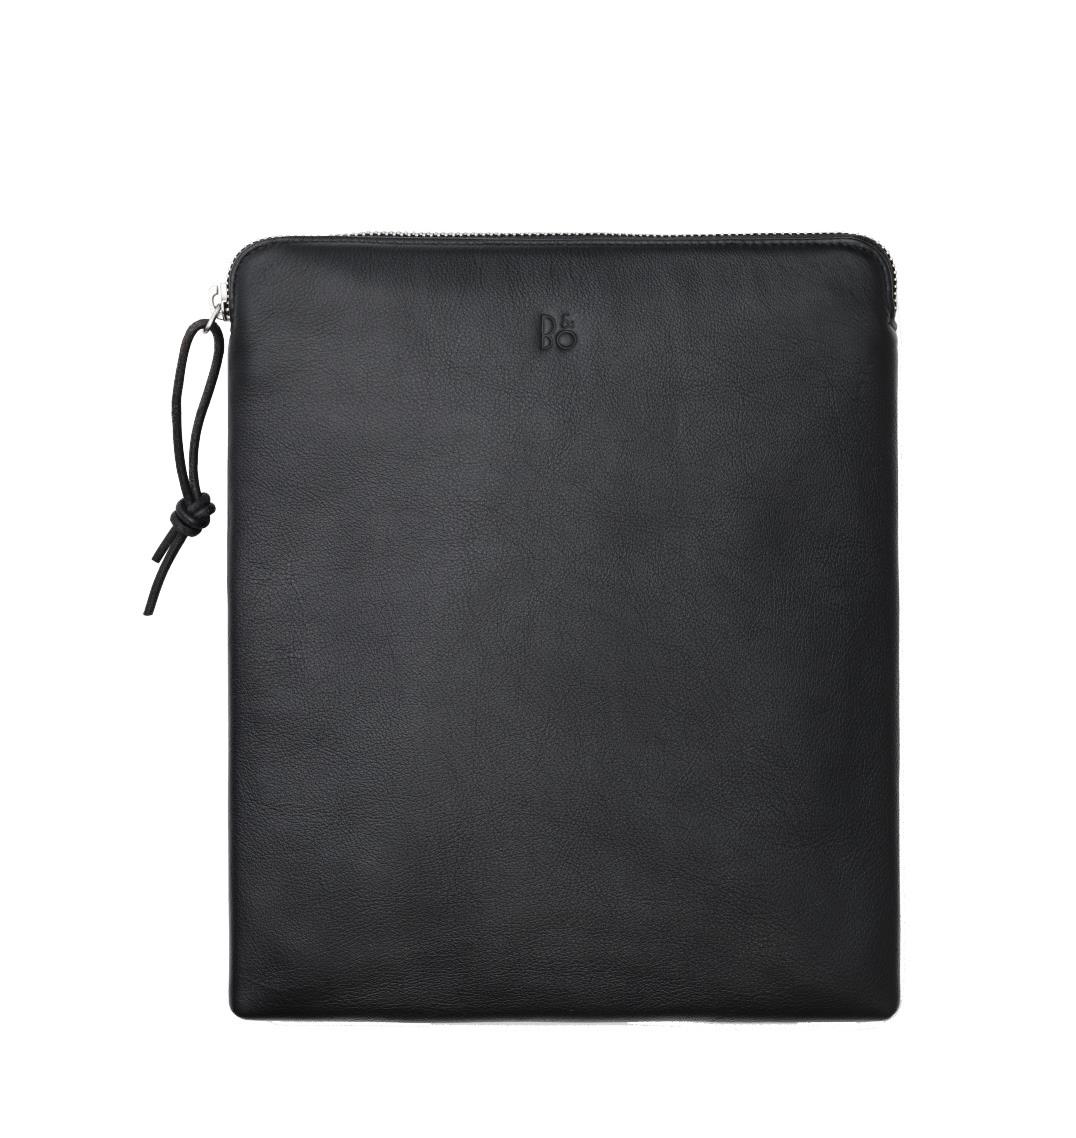 Schutzbeutel / Tasche für Beoplay H4, H6, H7, H8, H9, H8i und H9i Kopfhörer